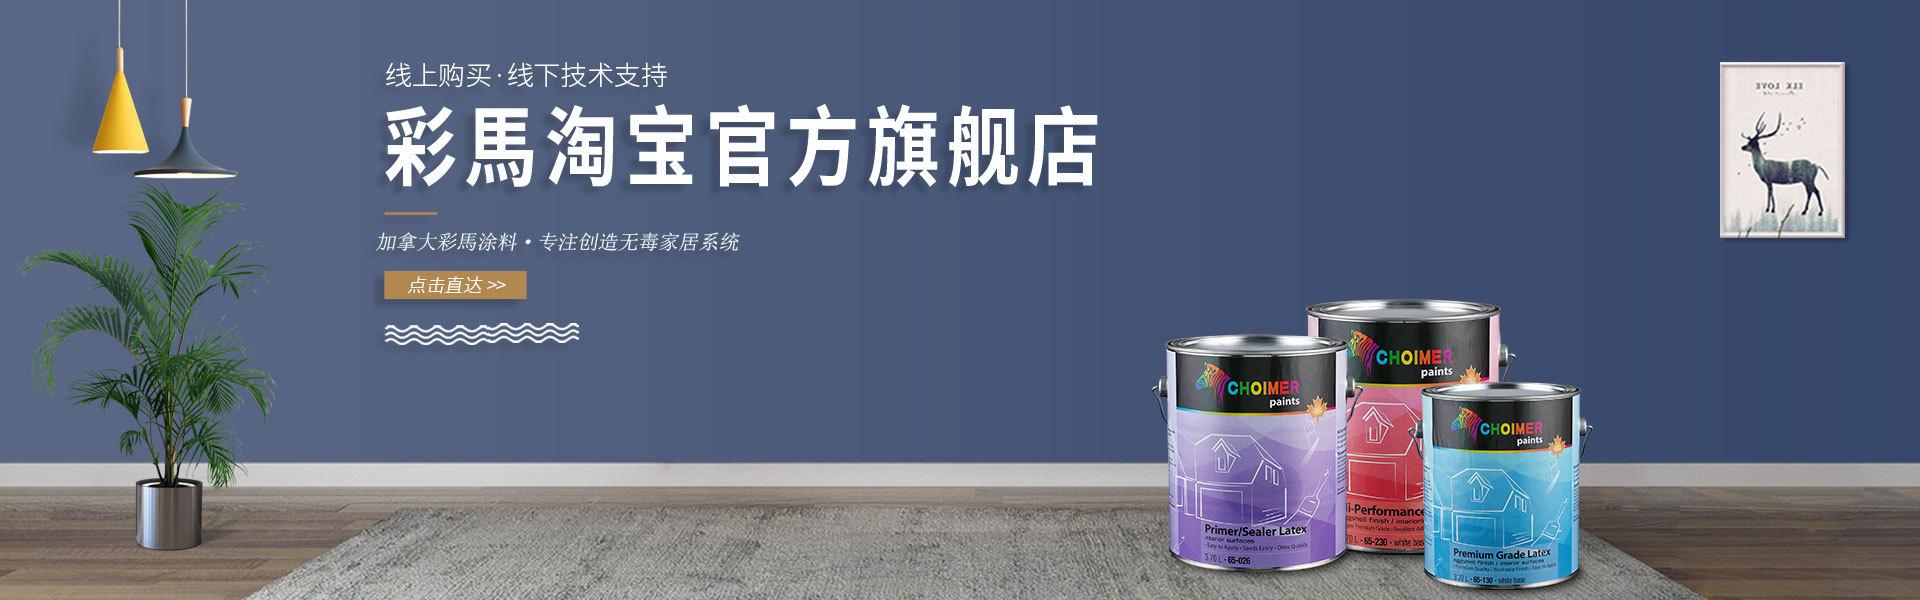 彩馬淘宝官方旗舰店